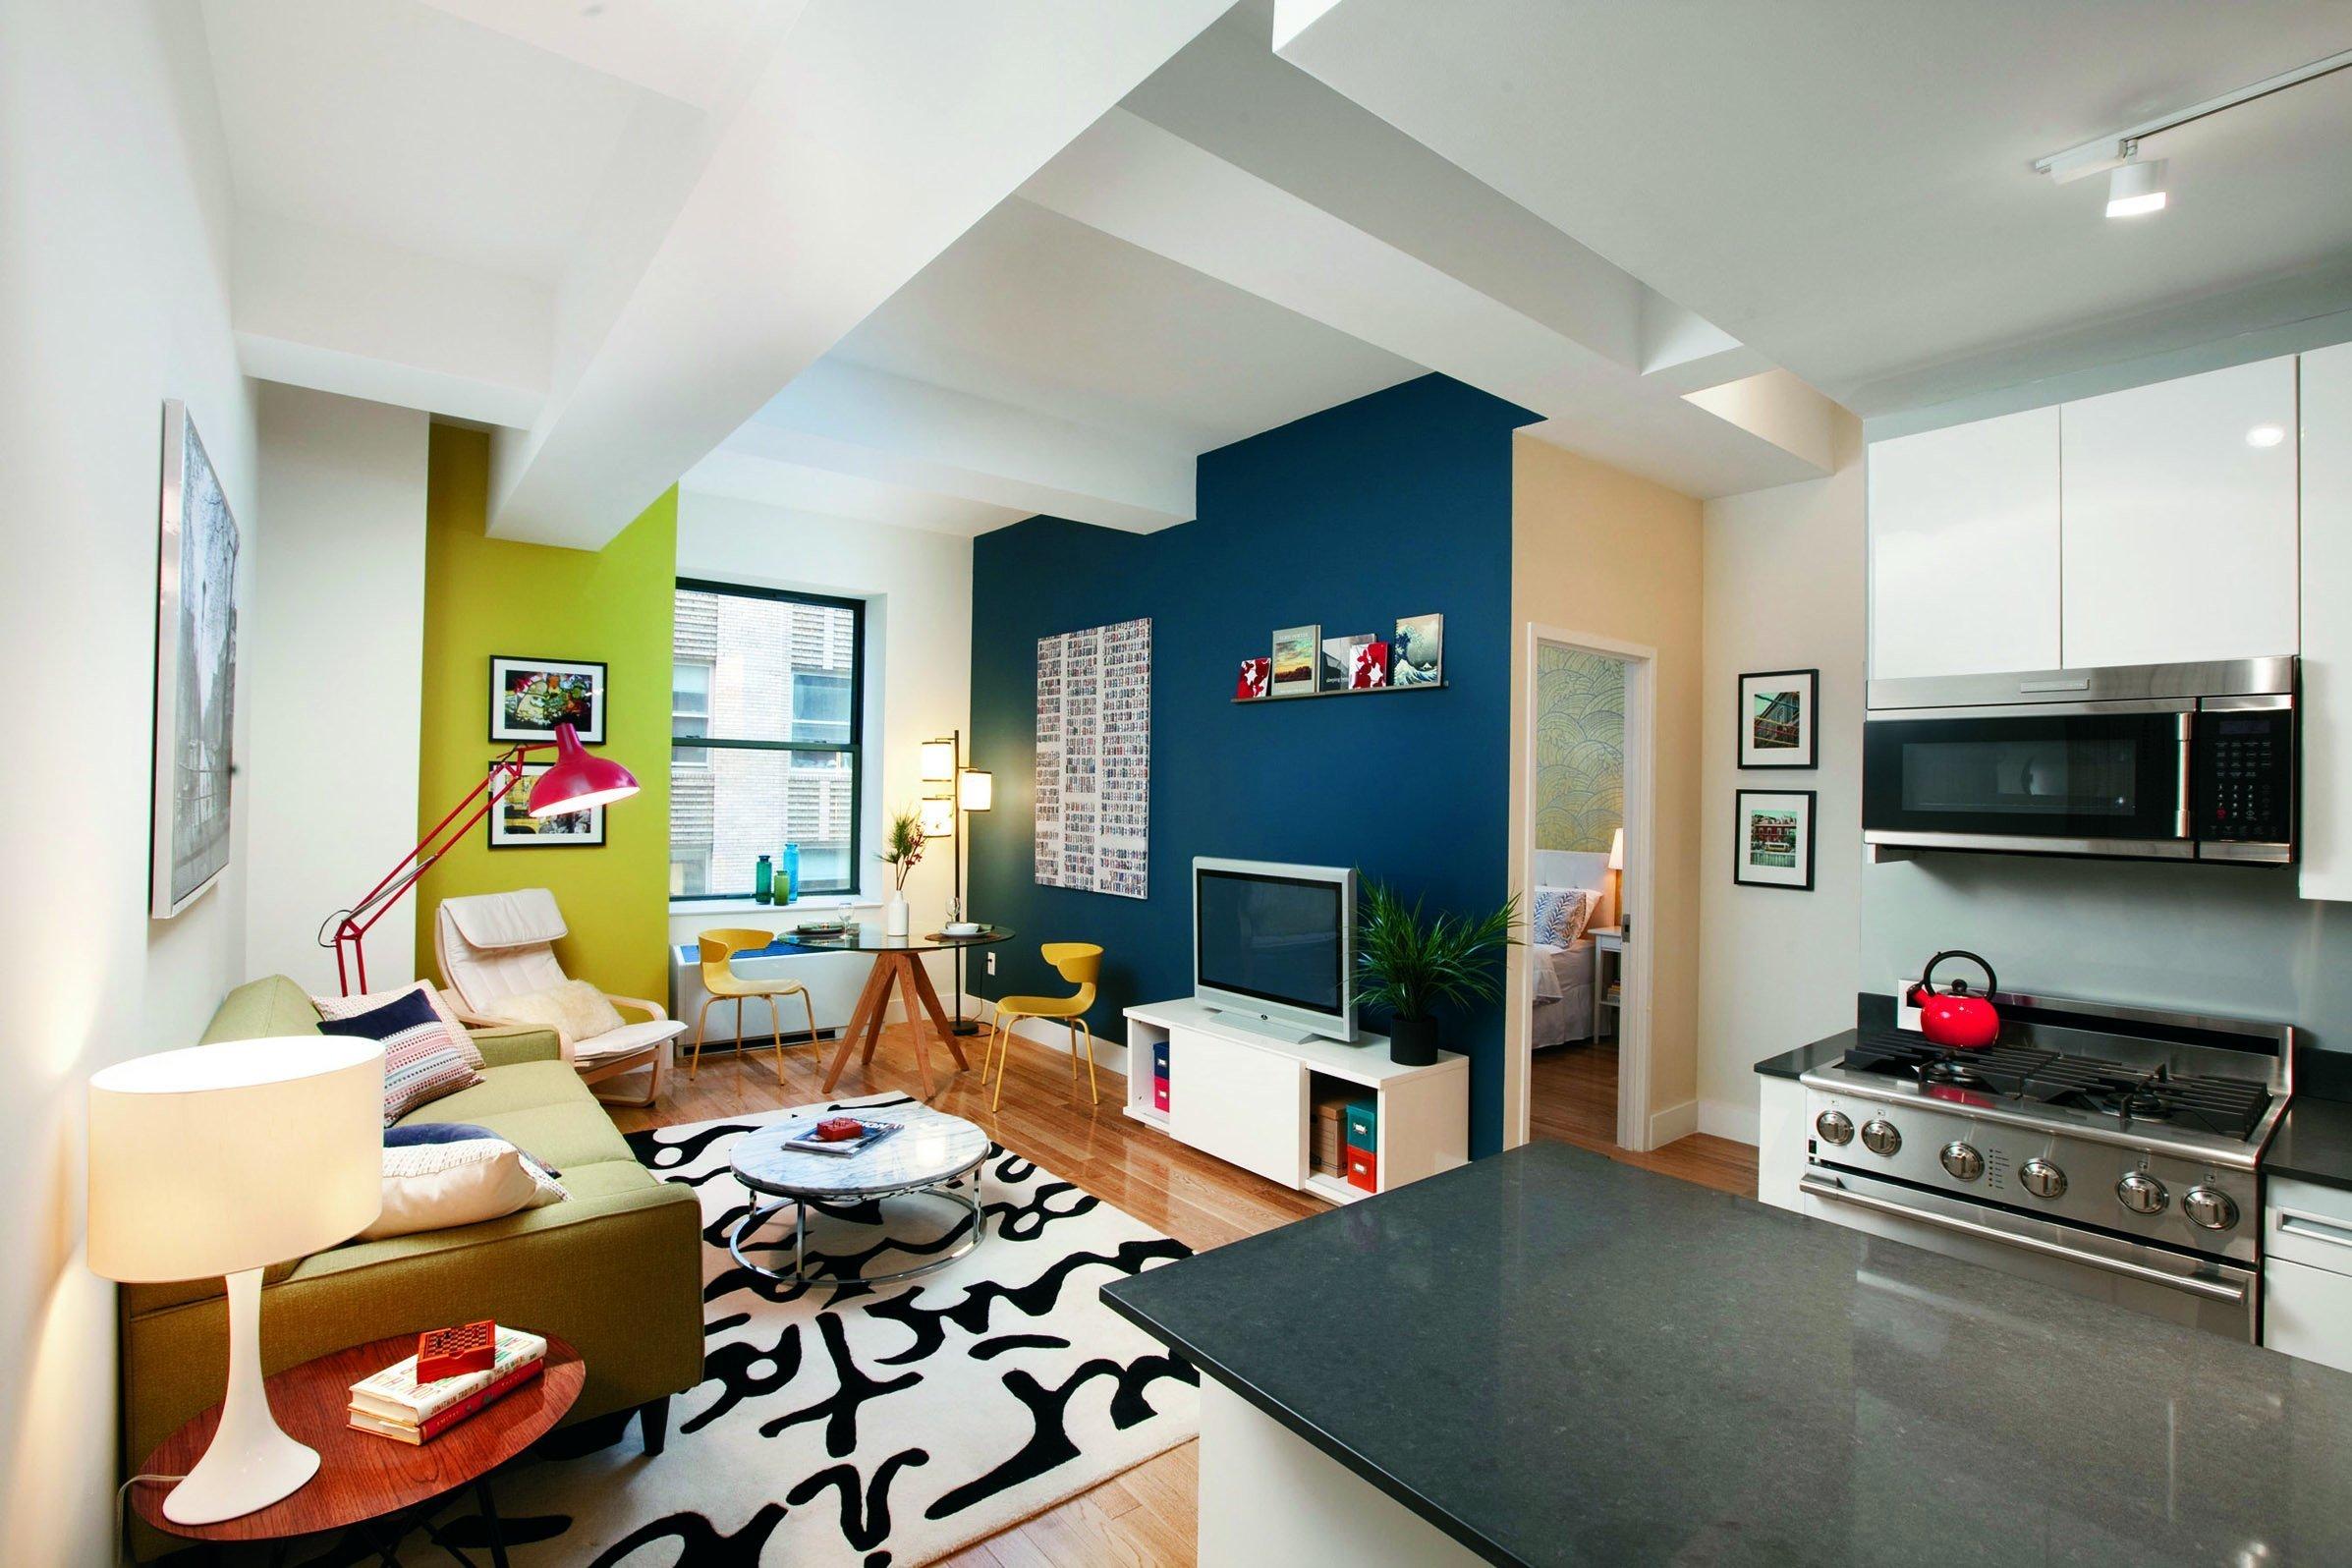 Barva na stěnách rozbije prostor, který pak působí větším dojmem.